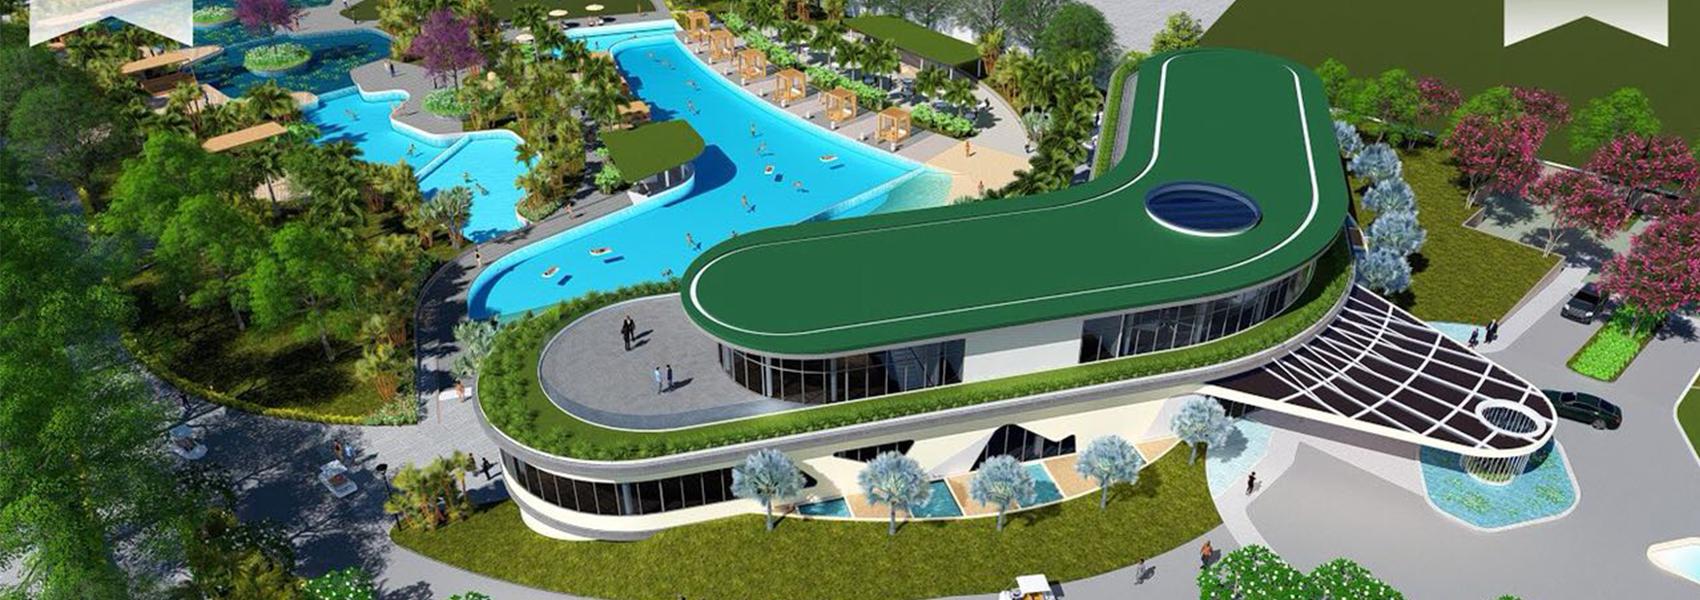 Mua bán cho thuê dự án condotel Crystal Marina Bay Nha Trang Đường Phạm Văn Đồng chủ đầu tư Crystal Bay